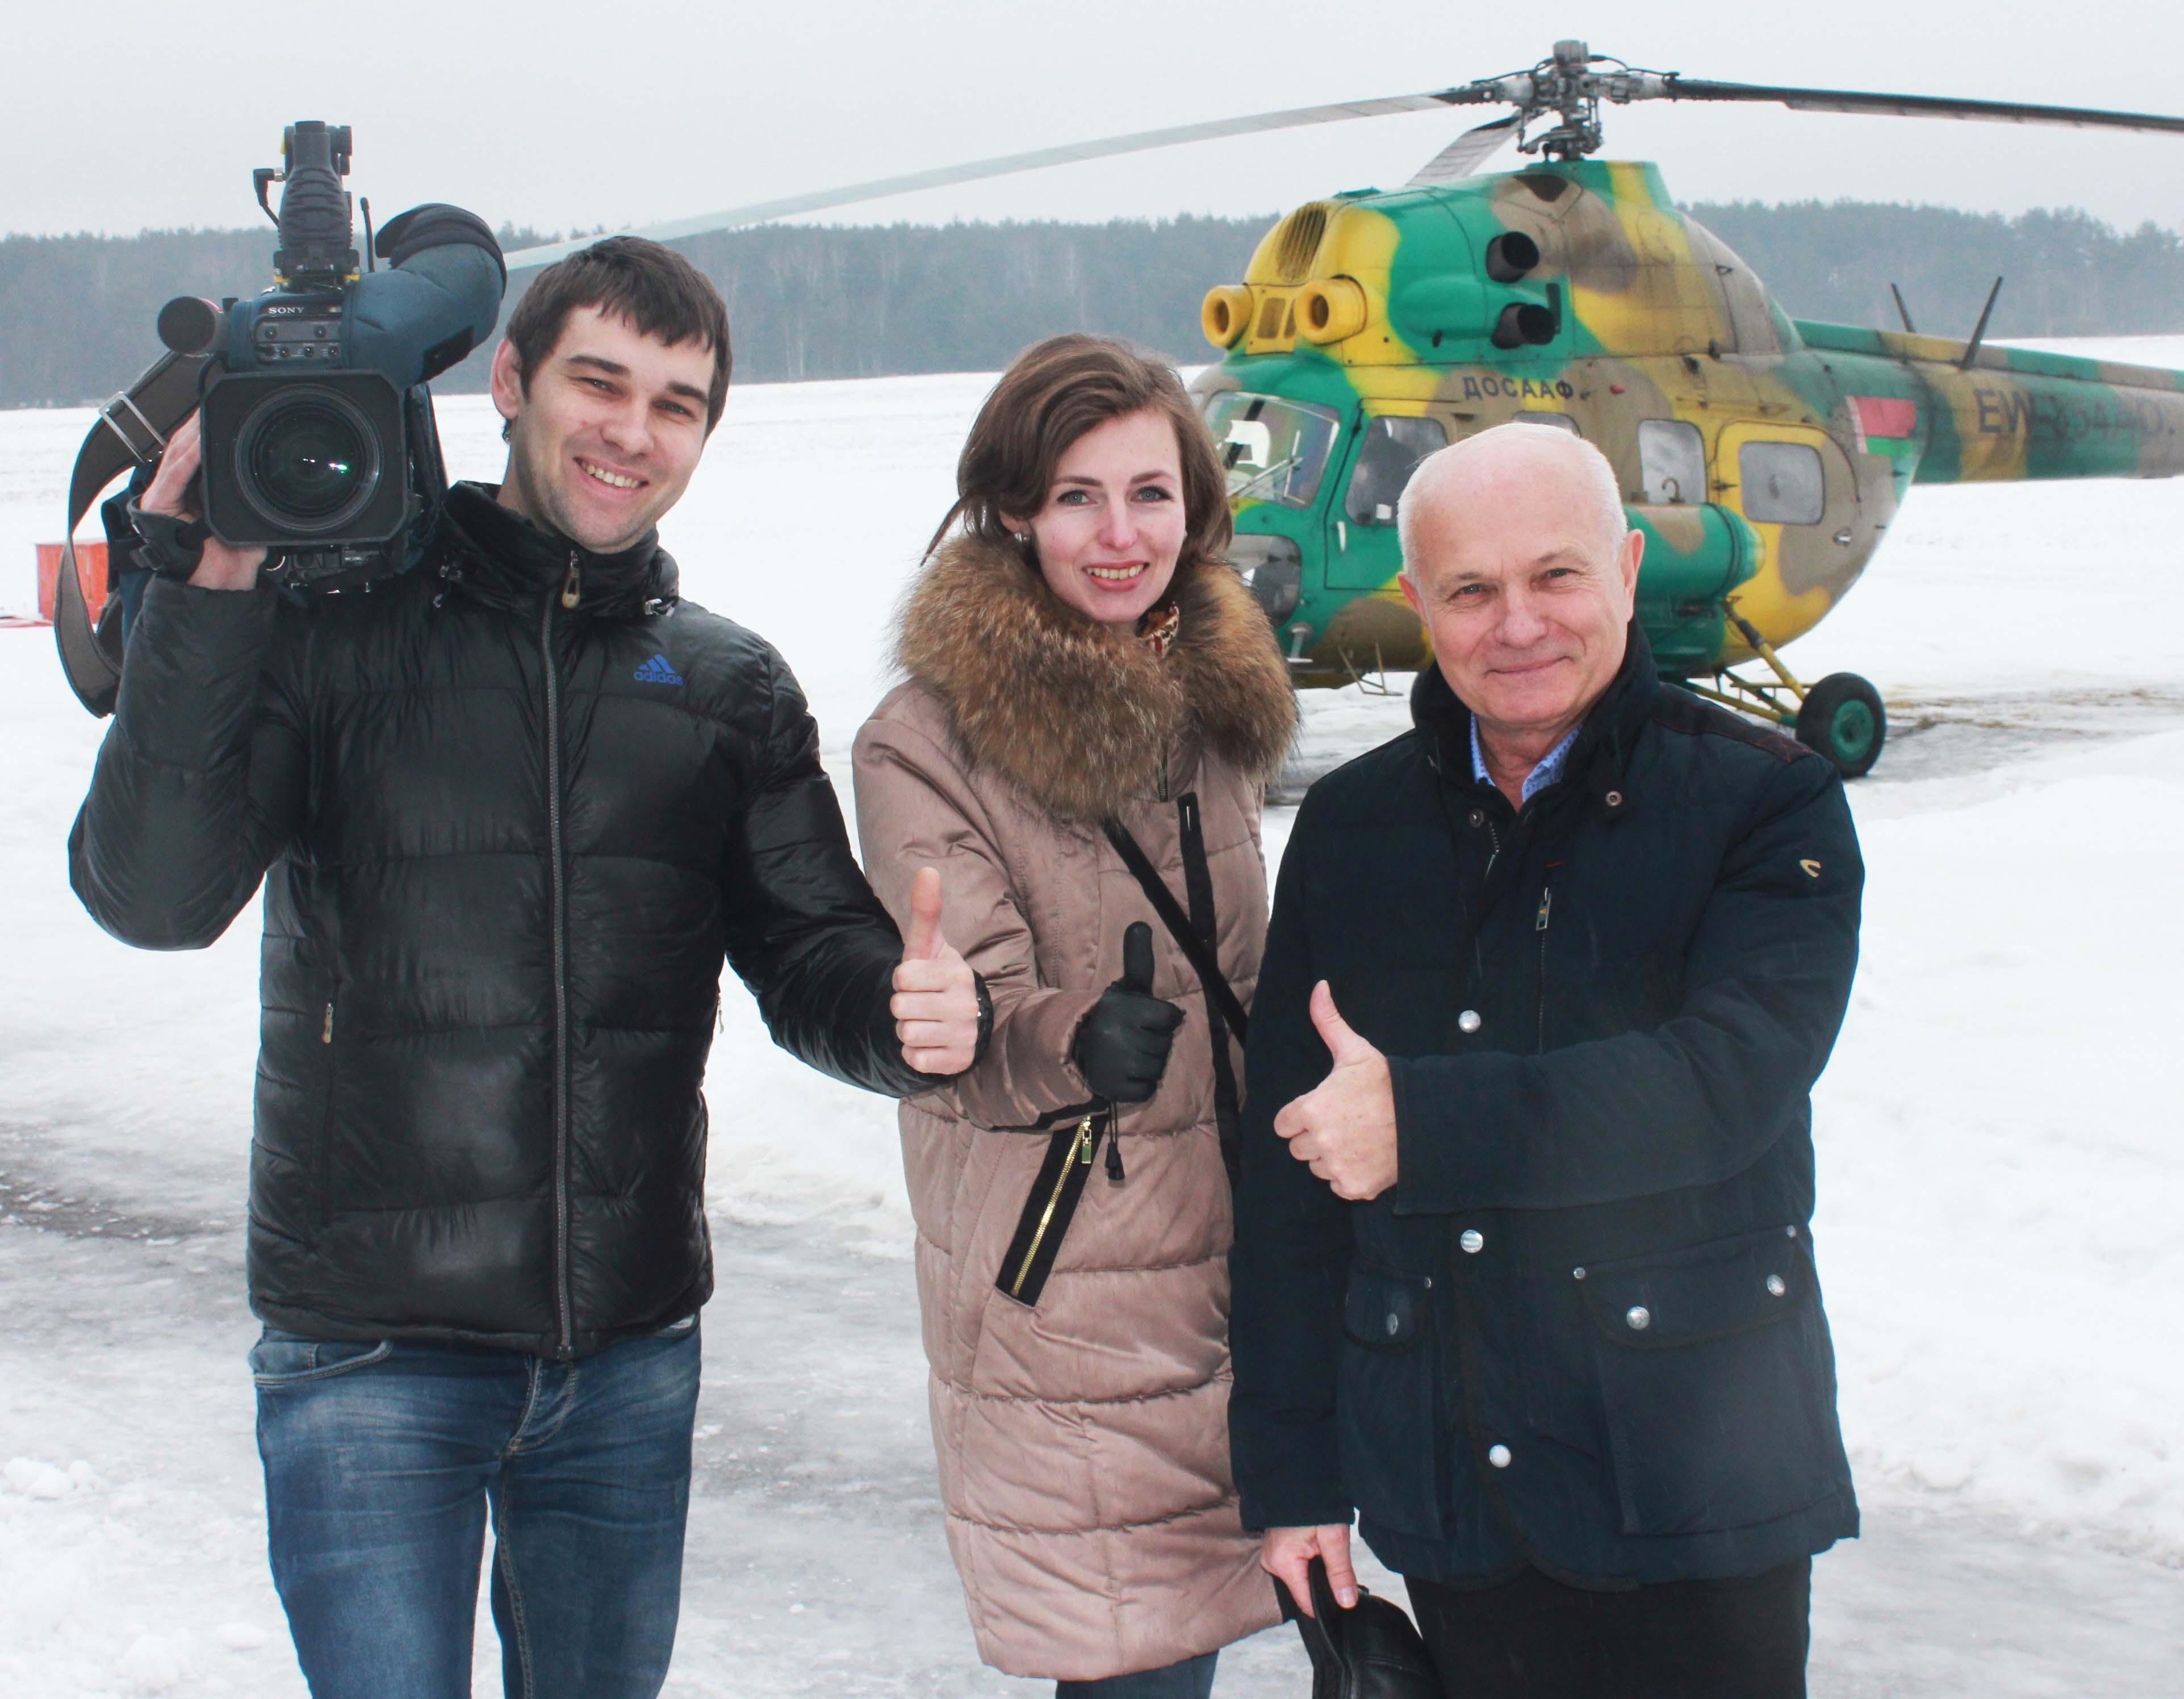 2. Николай Мочанский (справа) и съемочная группа БТ-1 Ольга Рудая и оператор Иван Мартынович после полета